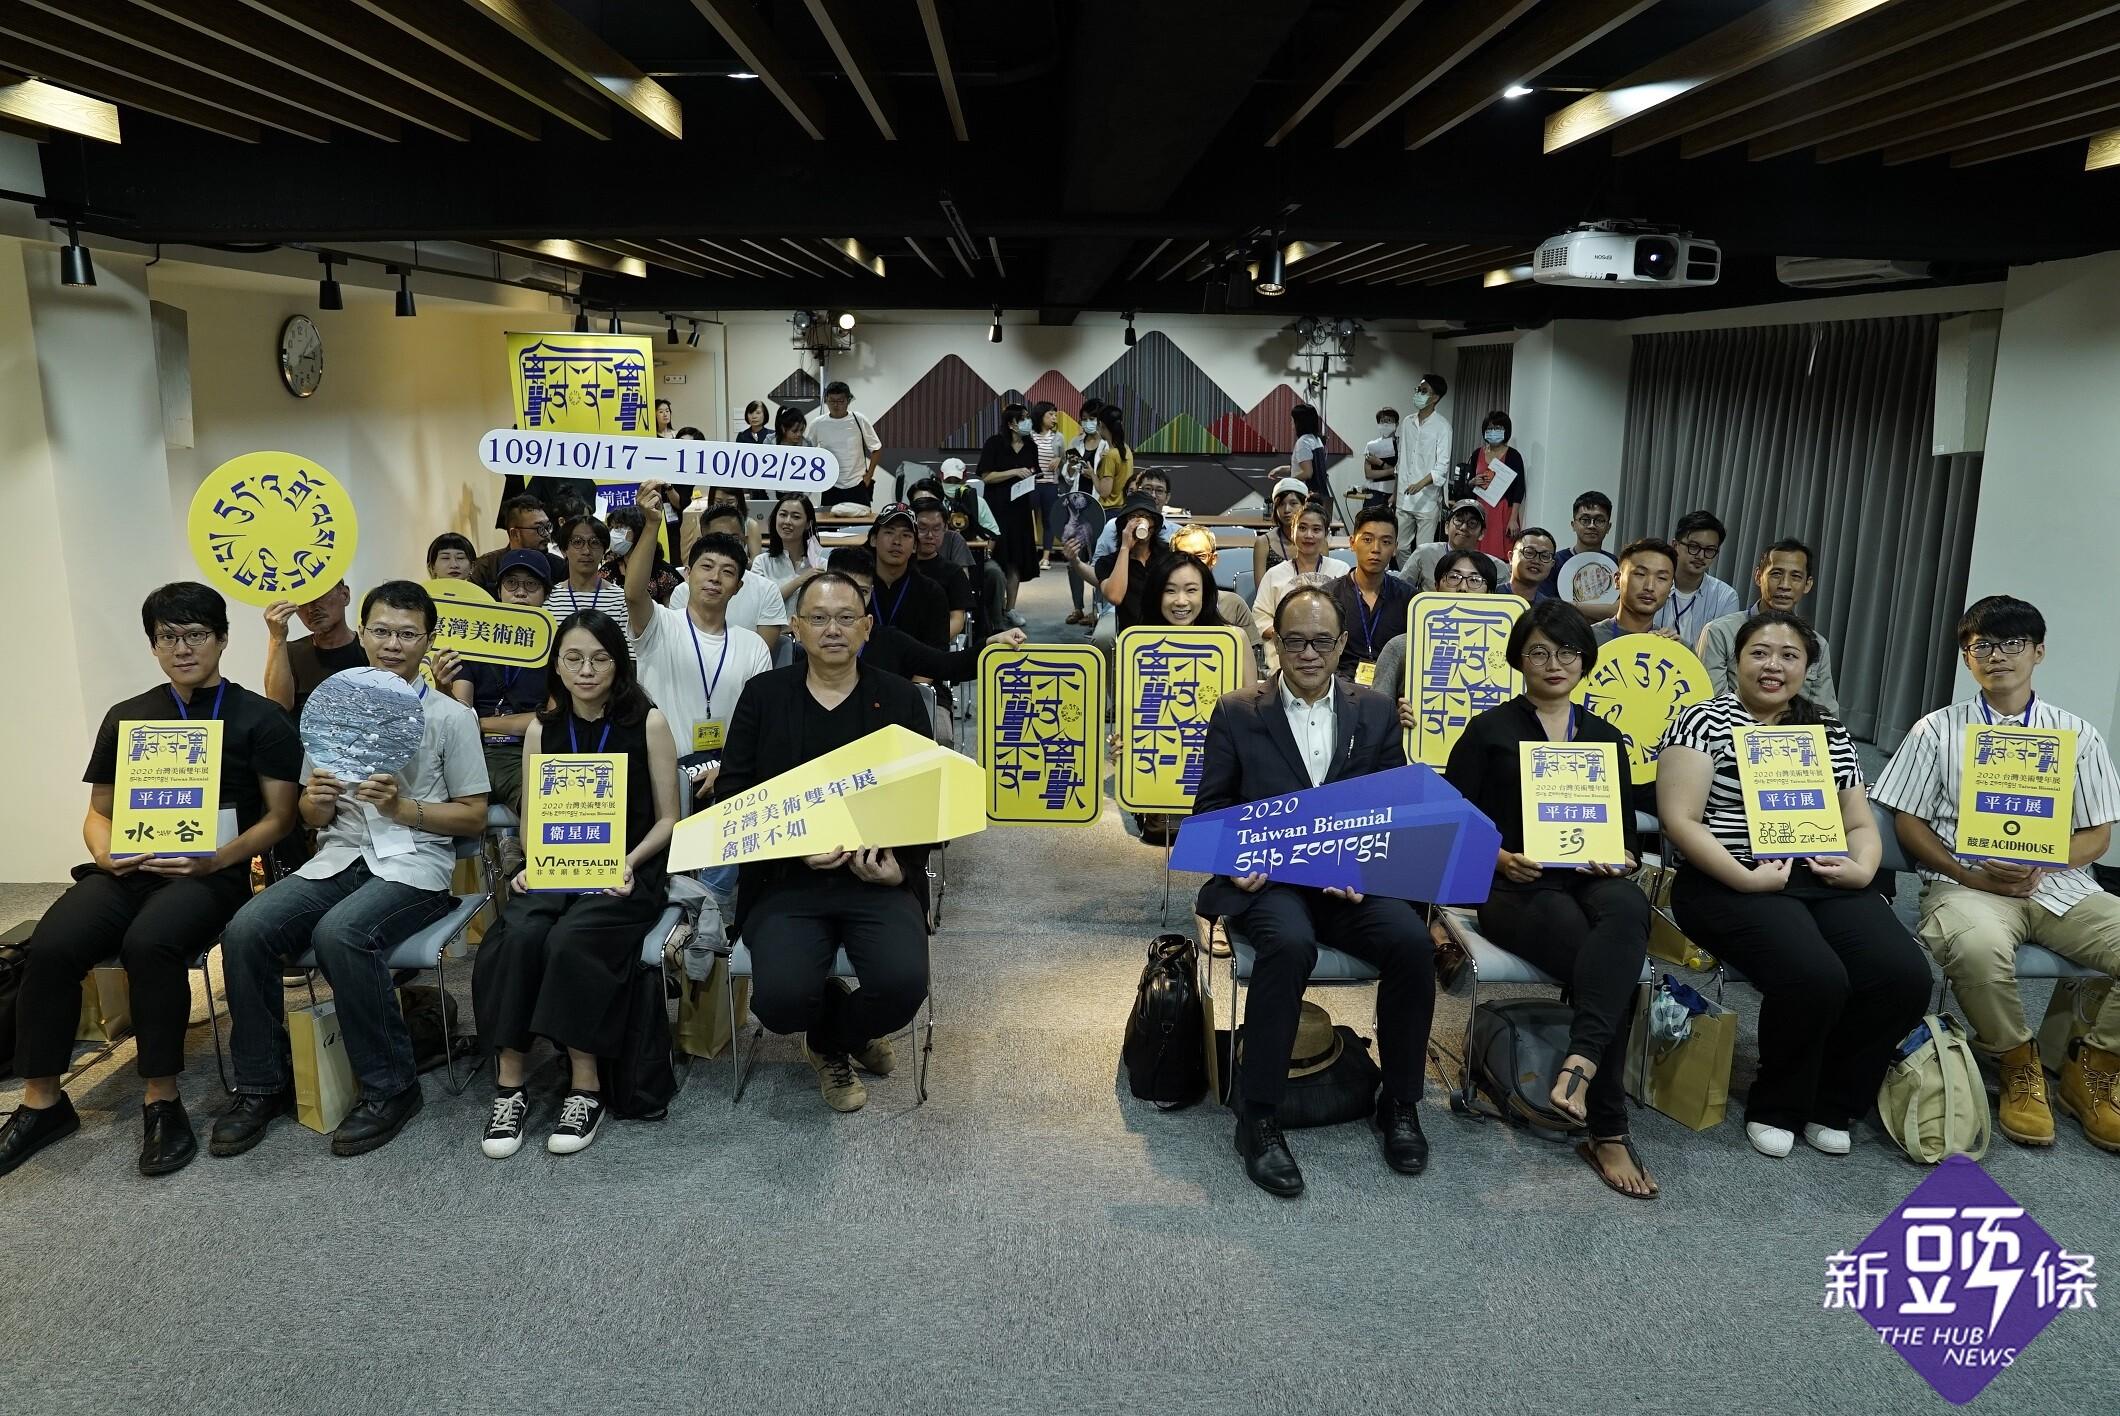 「2020台灣美術雙年展」召集有情眾生 反思人類與自然關係